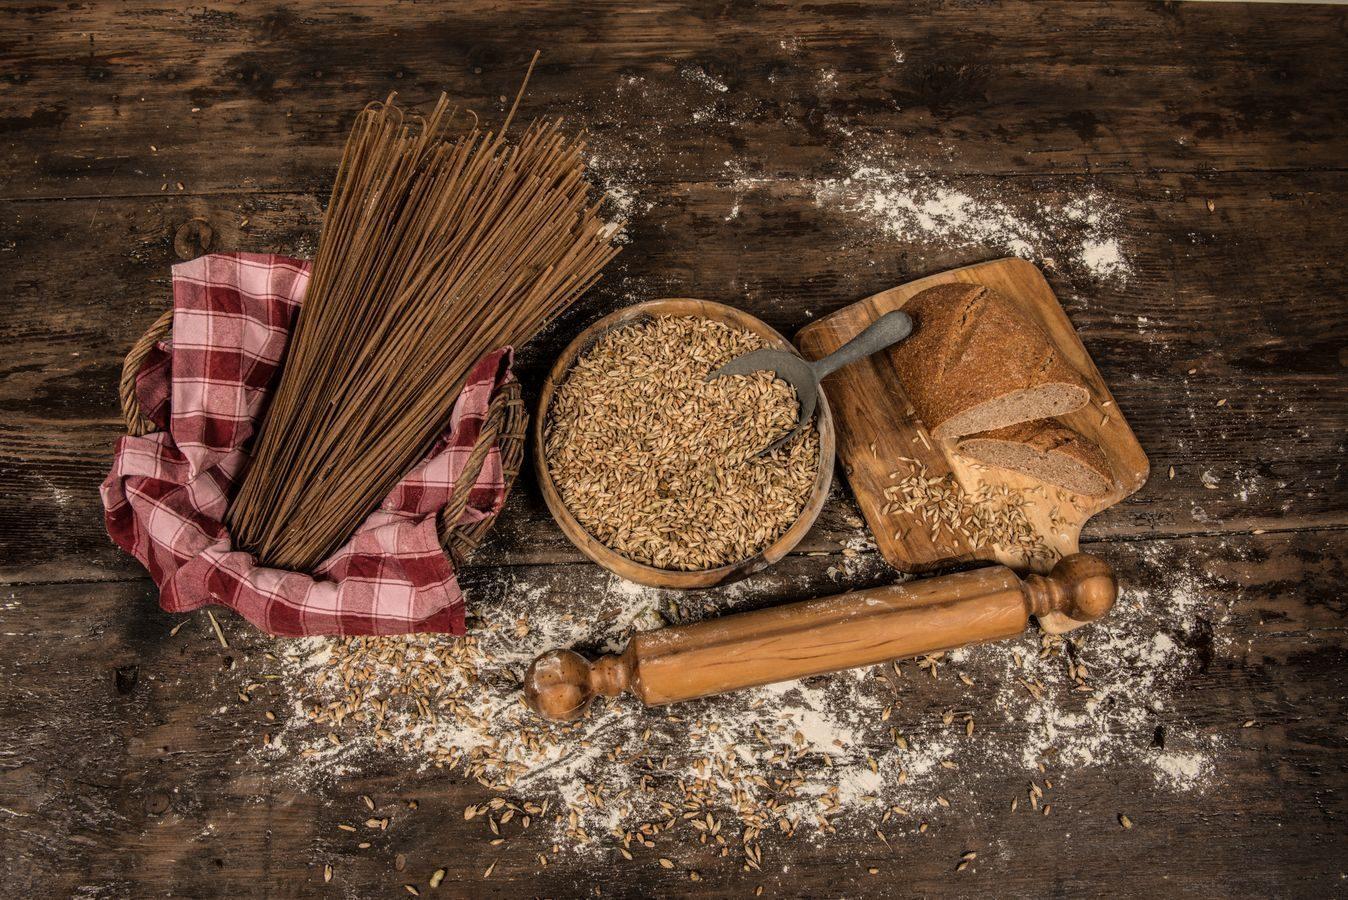 Cereali - Il farro Agricola Zerbo